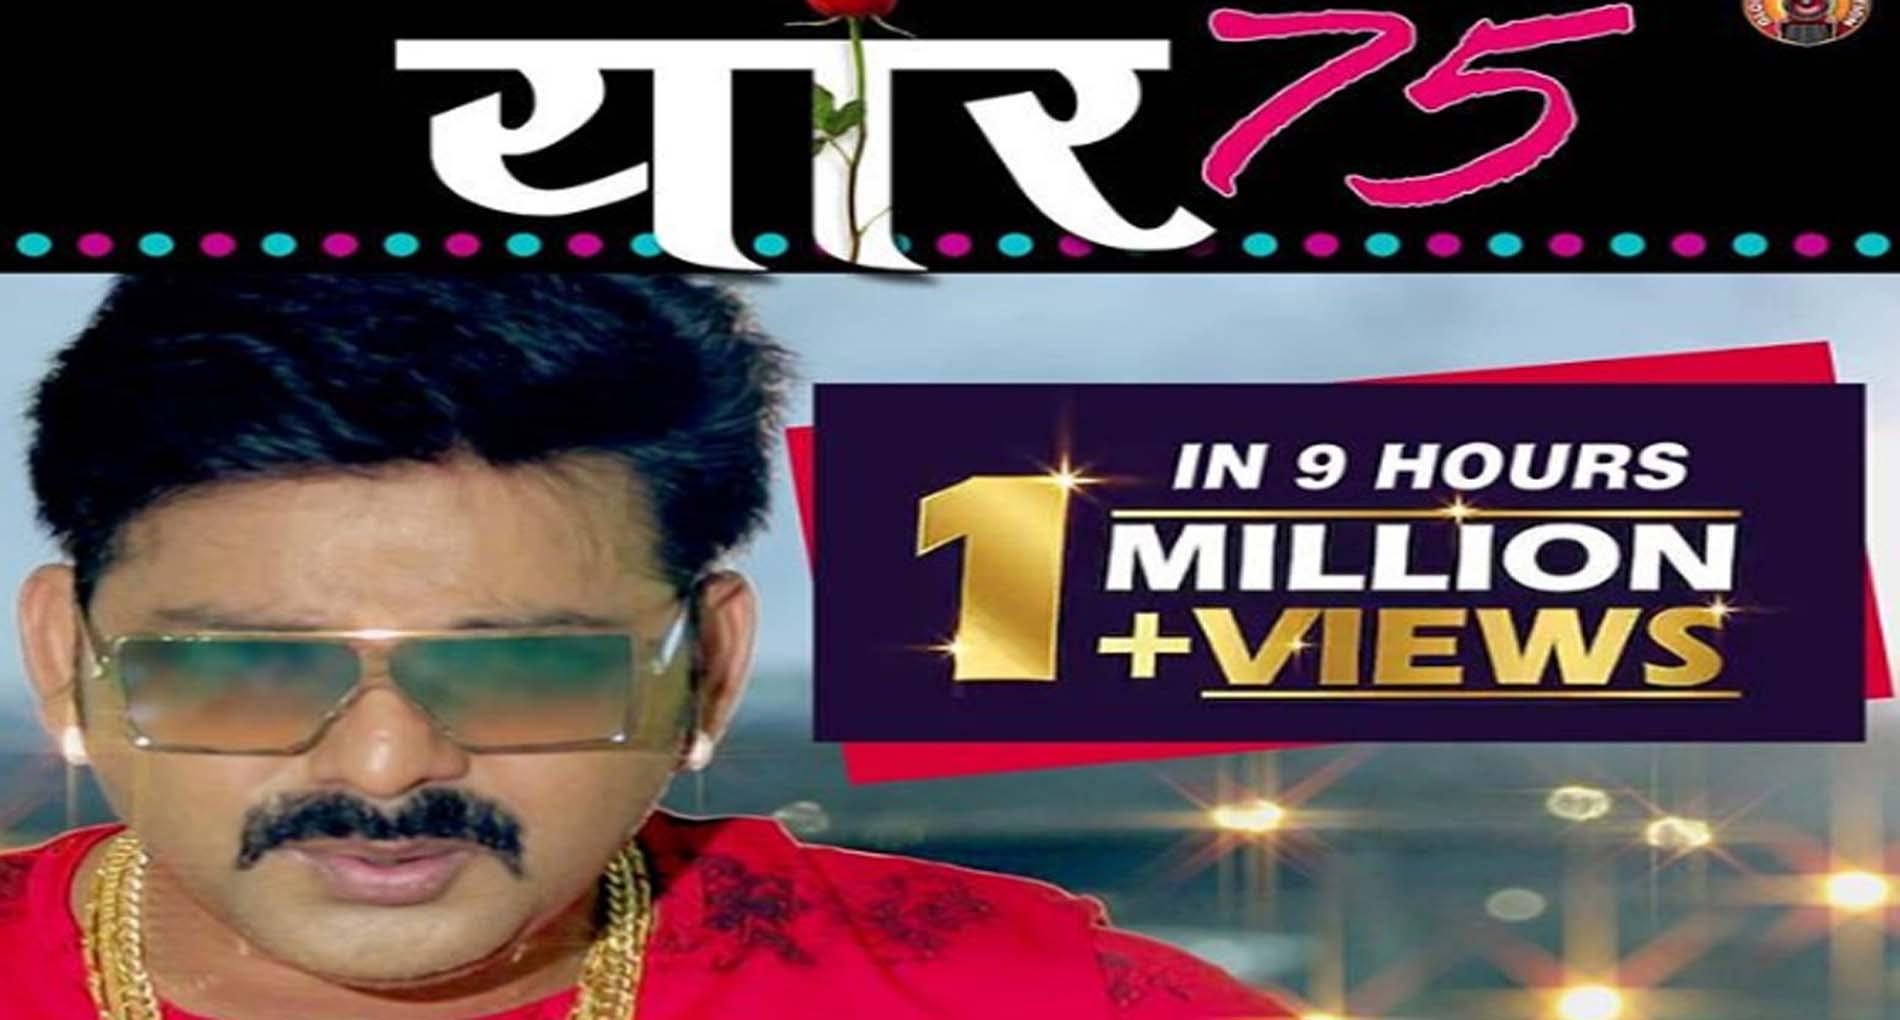 Pawan Singh Superhit Bhojpuri Song: पवन सिंह के नए गाने ने मचाया धमाल, सॉन्ग 'यार 75' हुआ हिट